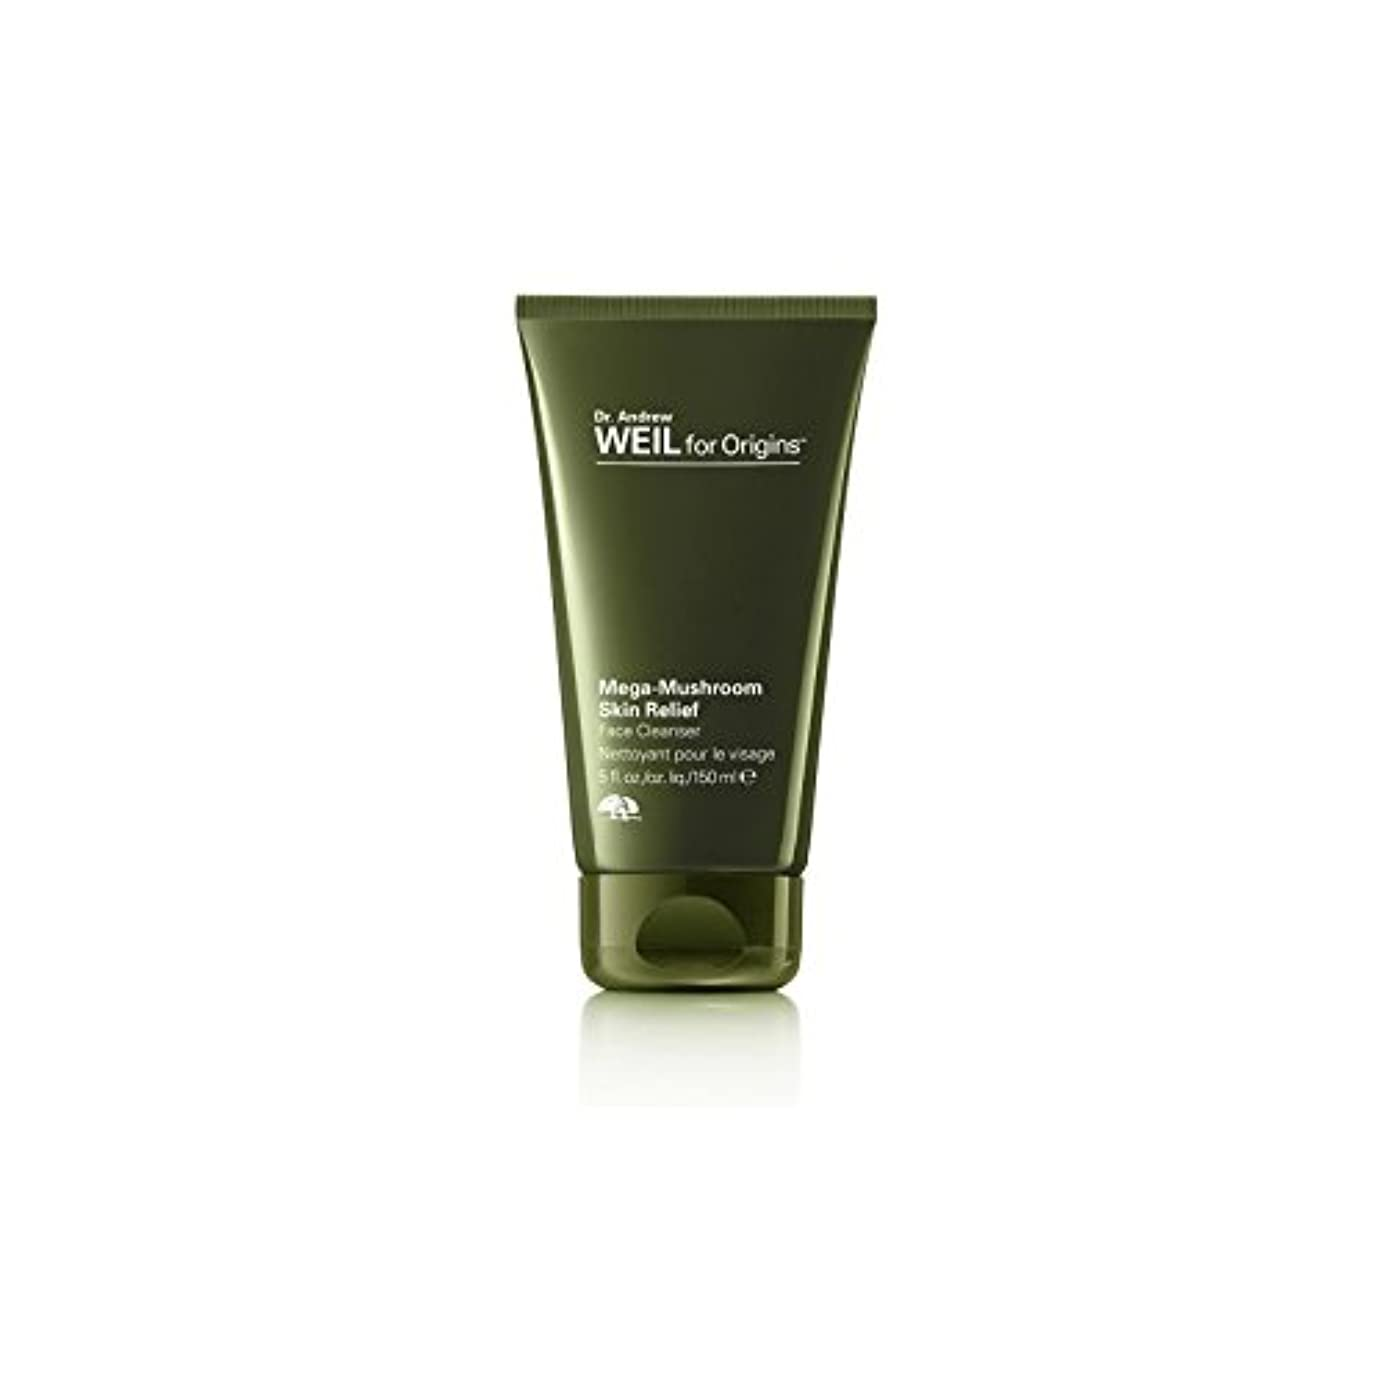 応じるなめらか南東Origins Dr. Andrew Weil For Origins Mega-Mushroom Skin Relief Face Cleanser 150ml - 起源アンドルー?ワイル起源メガキノコ皮膚救済顔クレンザー...